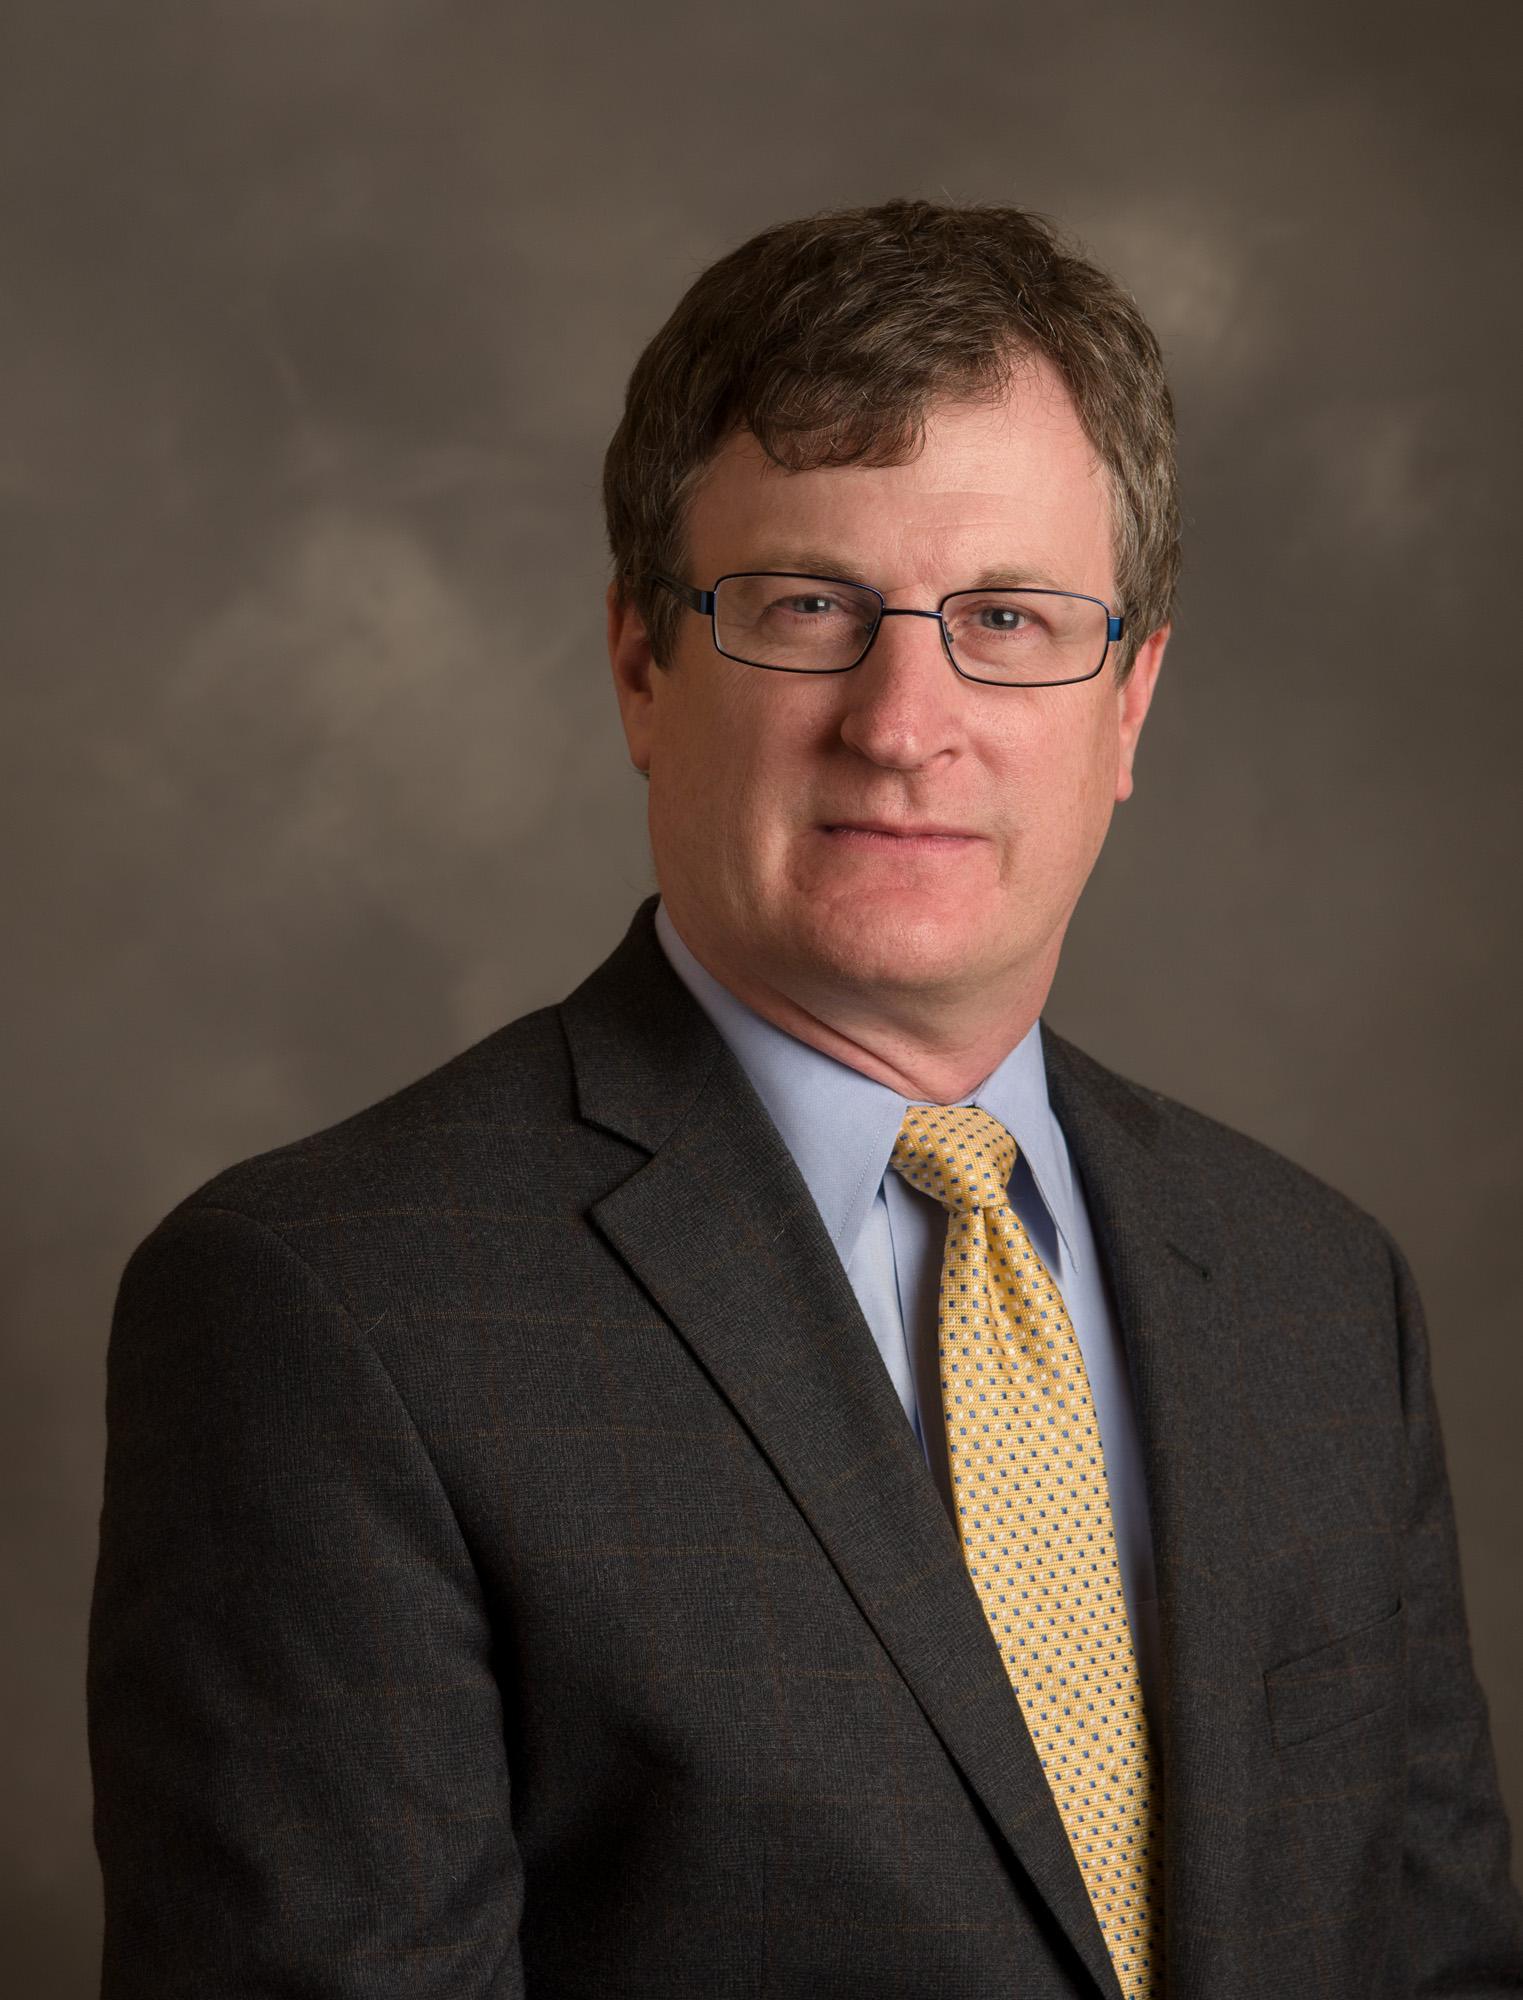 Dr. Dan Palmer